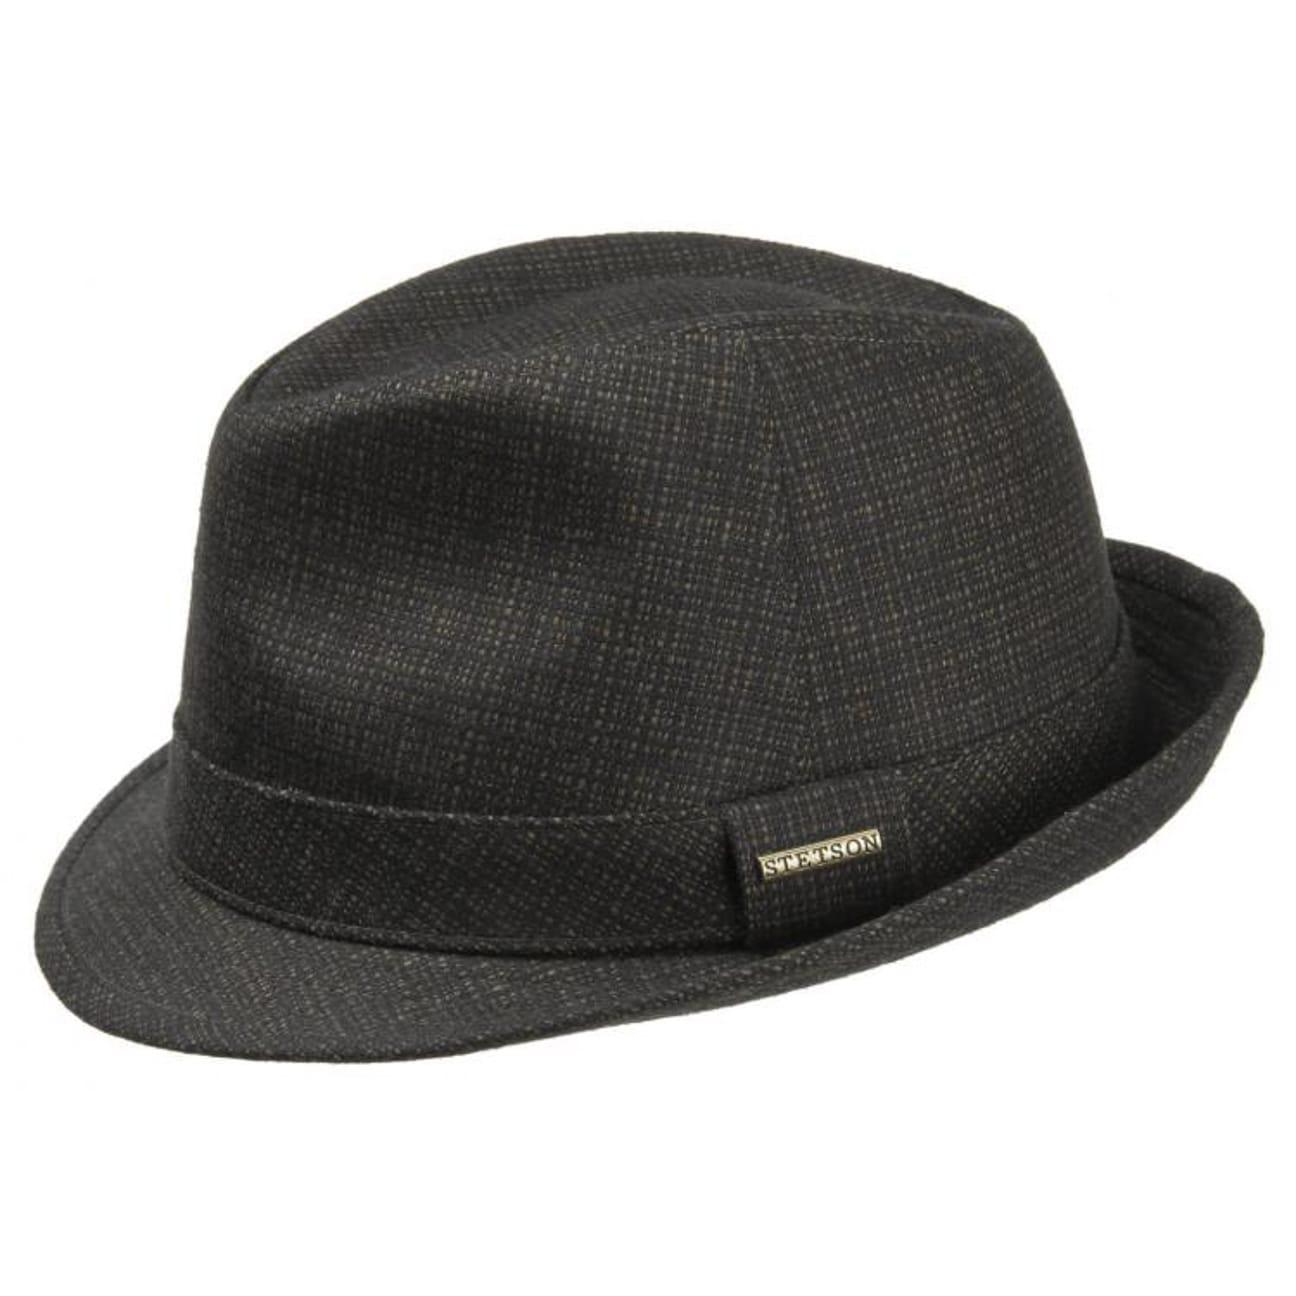 Richmond Wool Trilby Hat by Stetson - brown 1 ... e3acf83865a